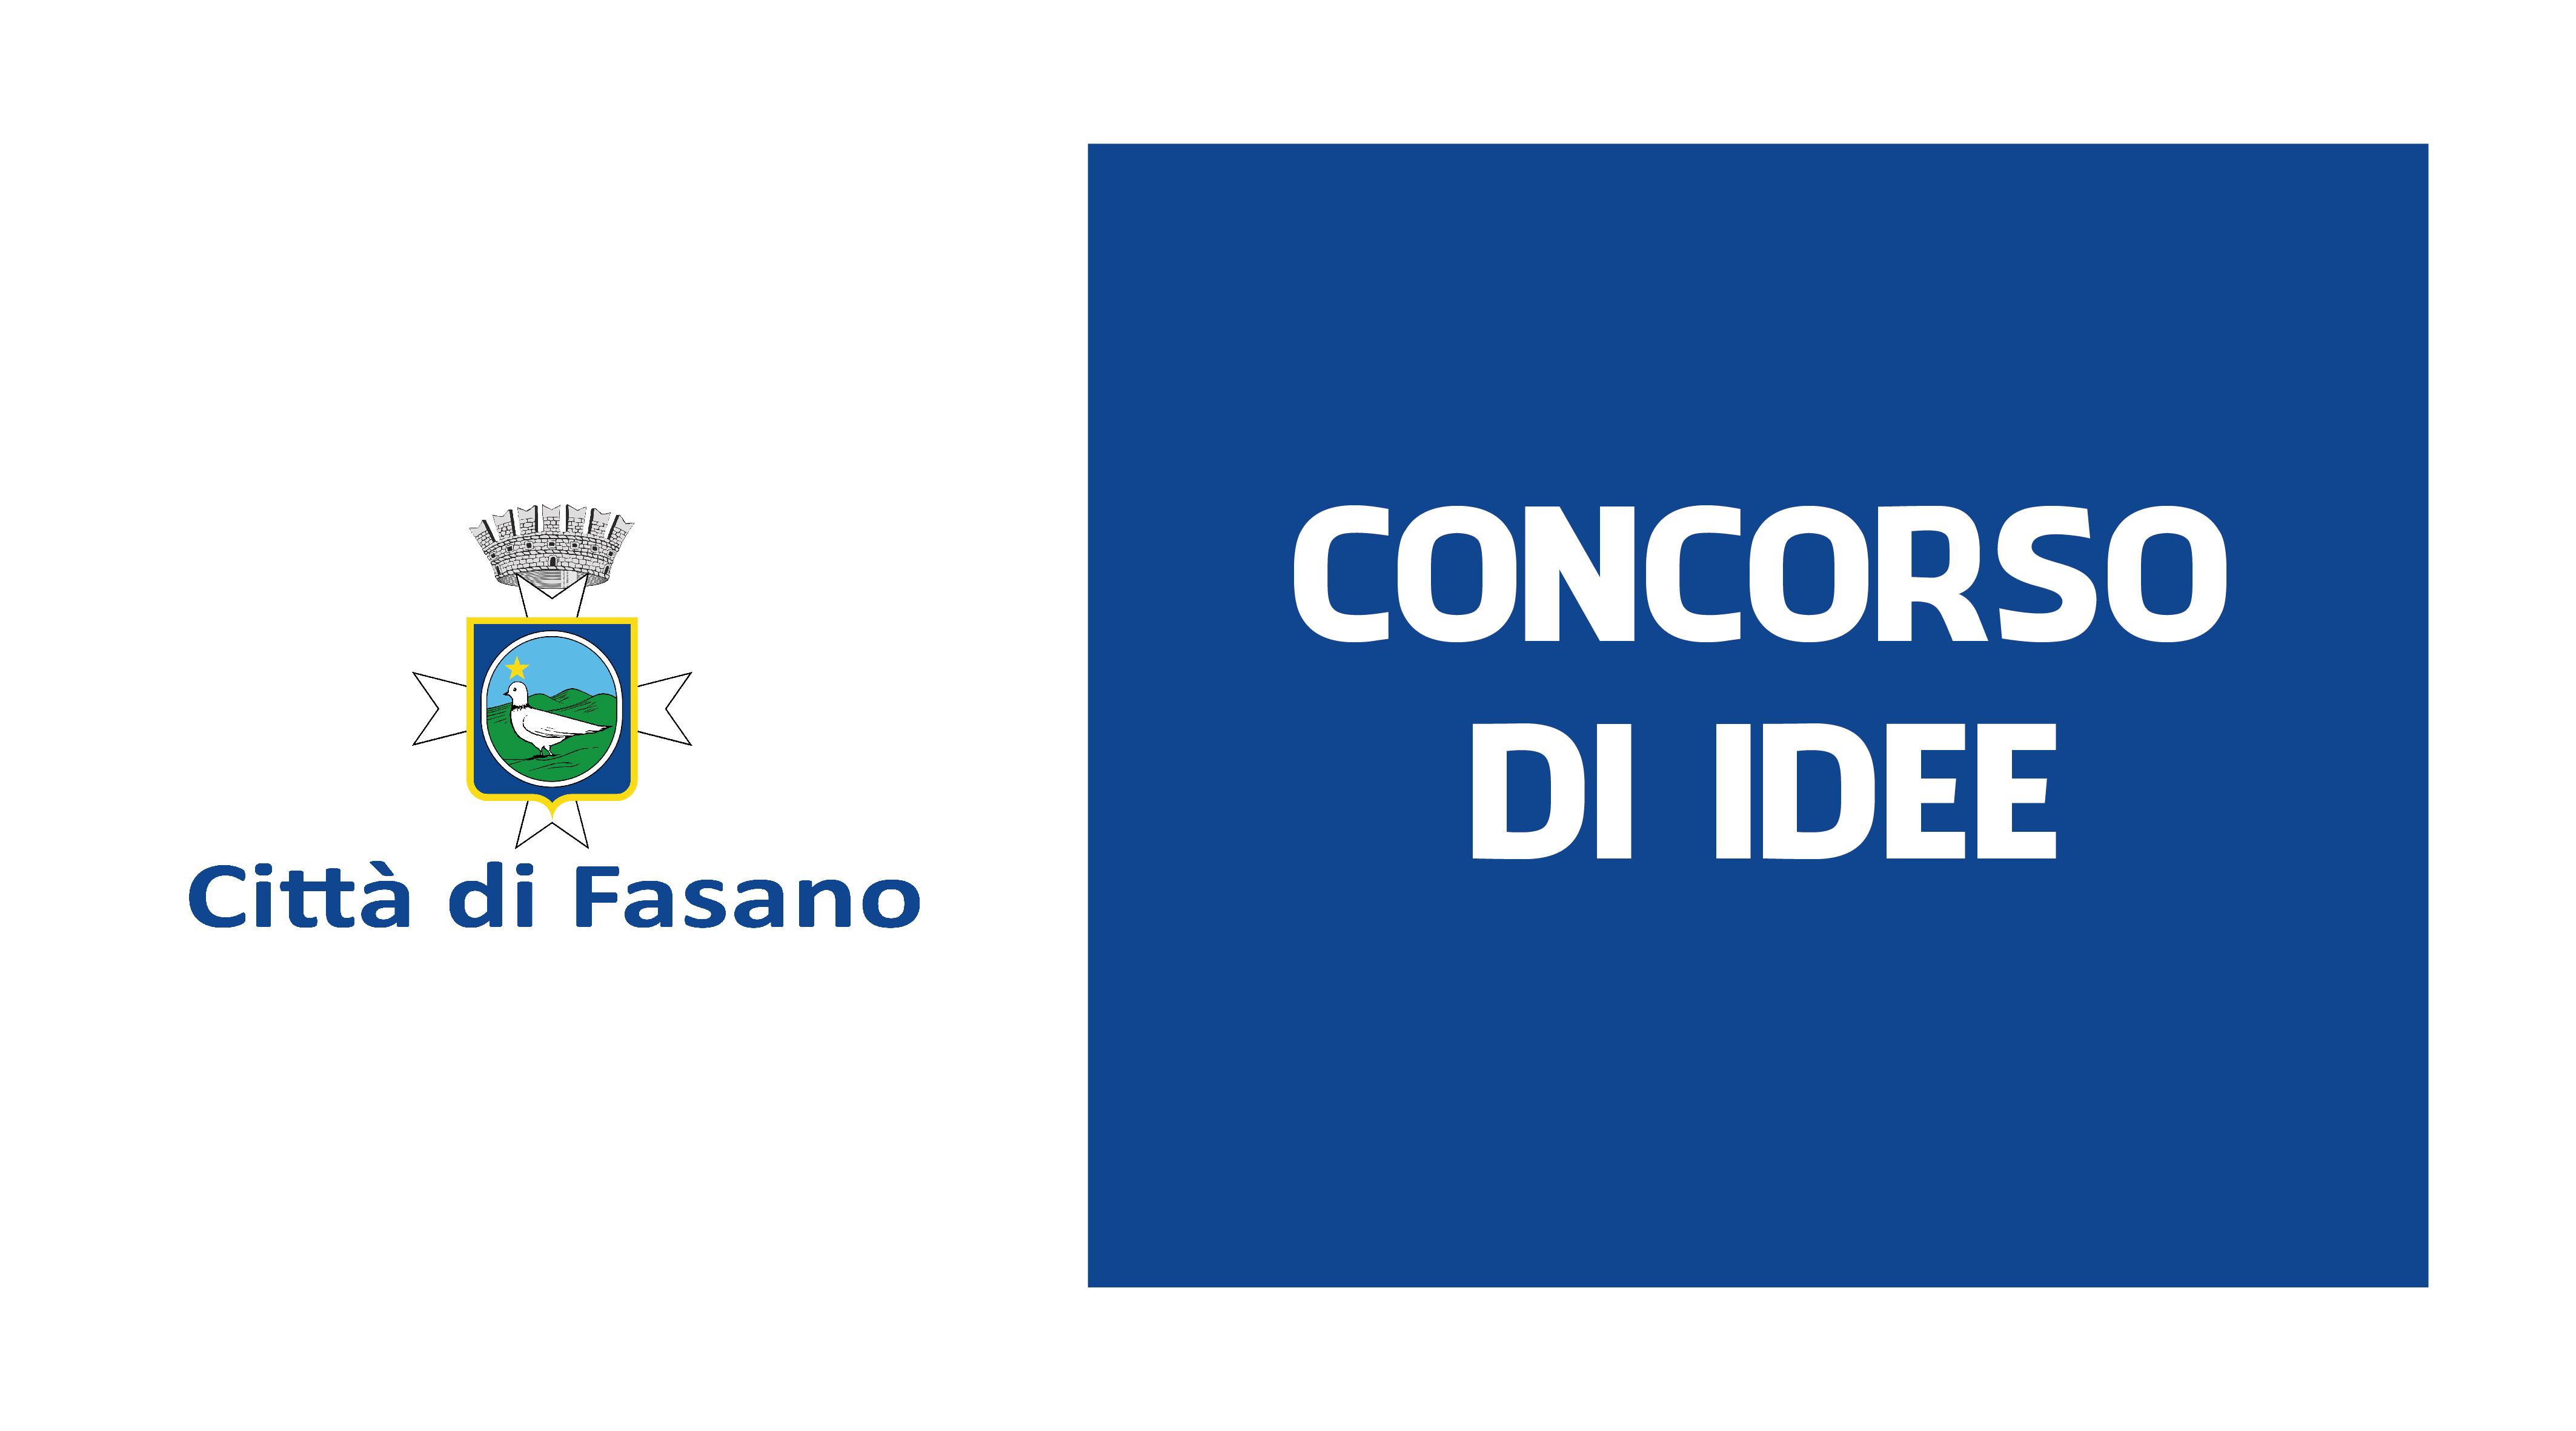 concorso di idee